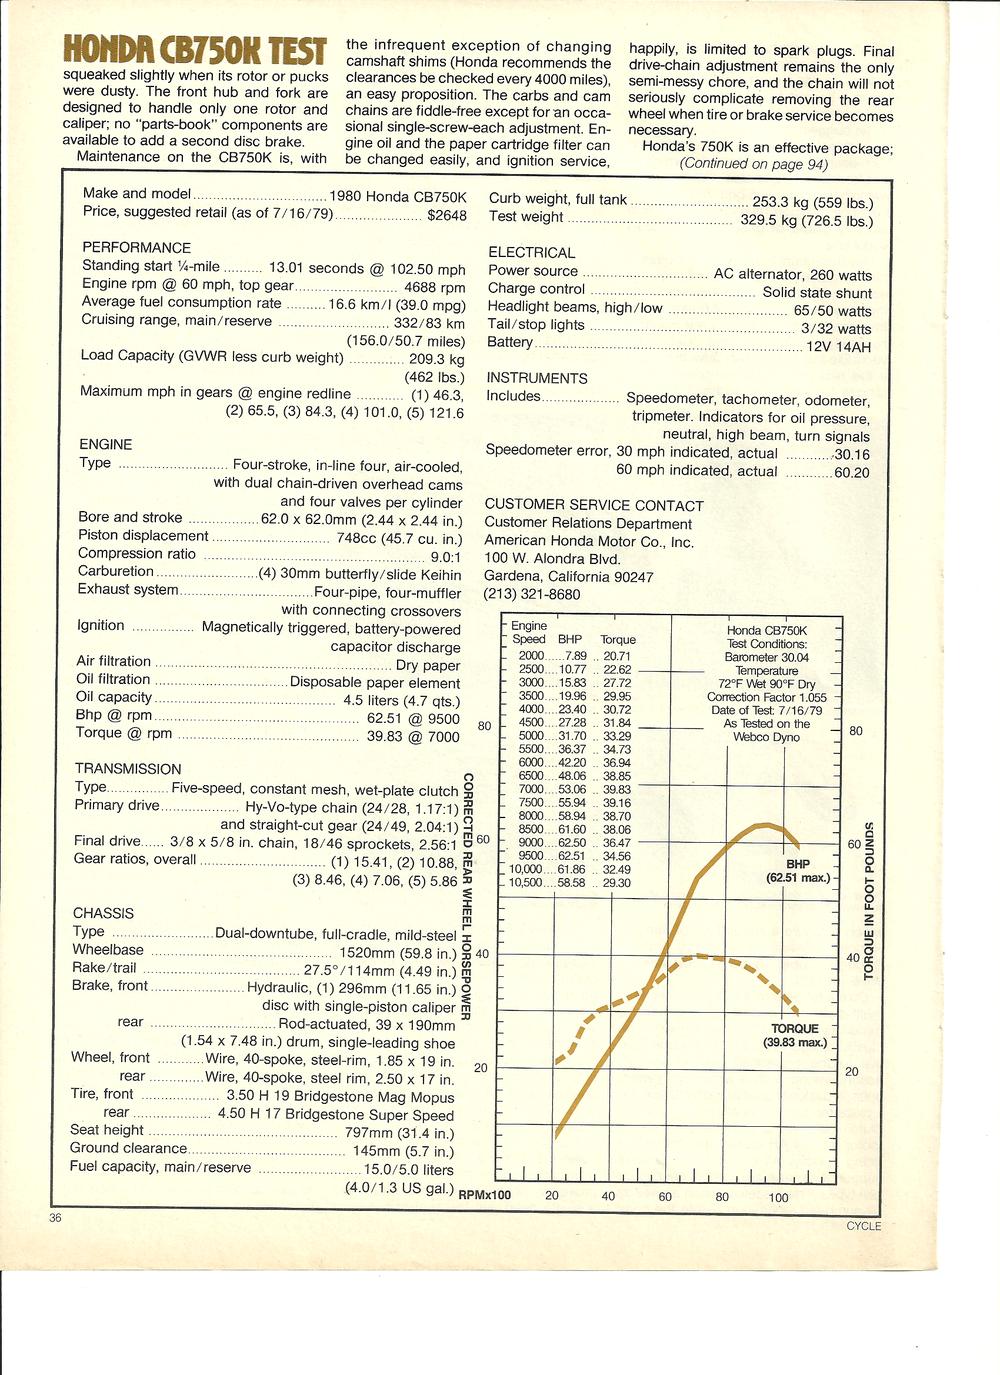 1979_Honda_CB750K_test_pg5.png